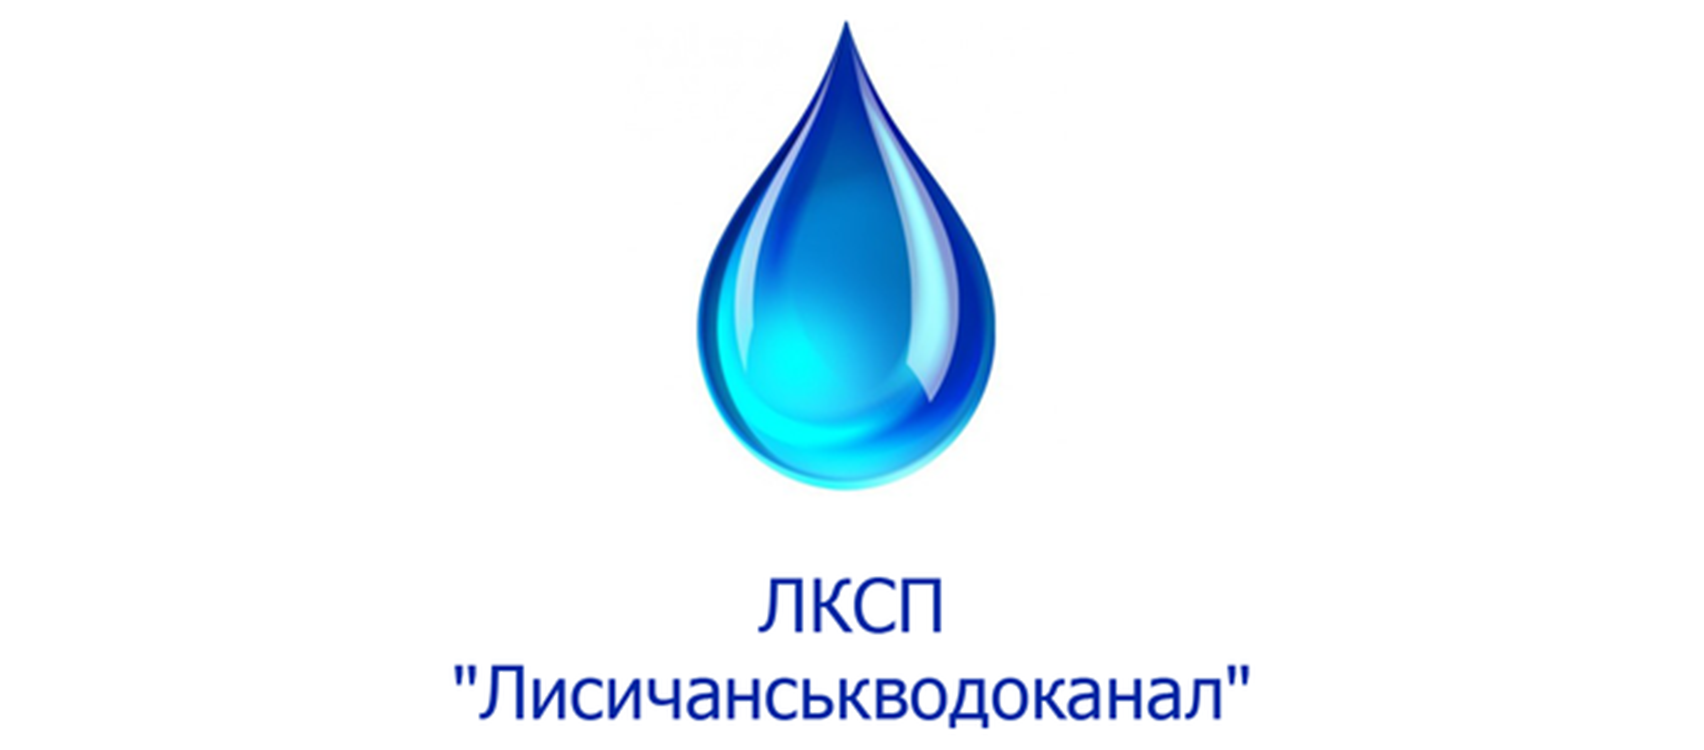 """ЛКСП """"Лисичанськводоканал"""""""